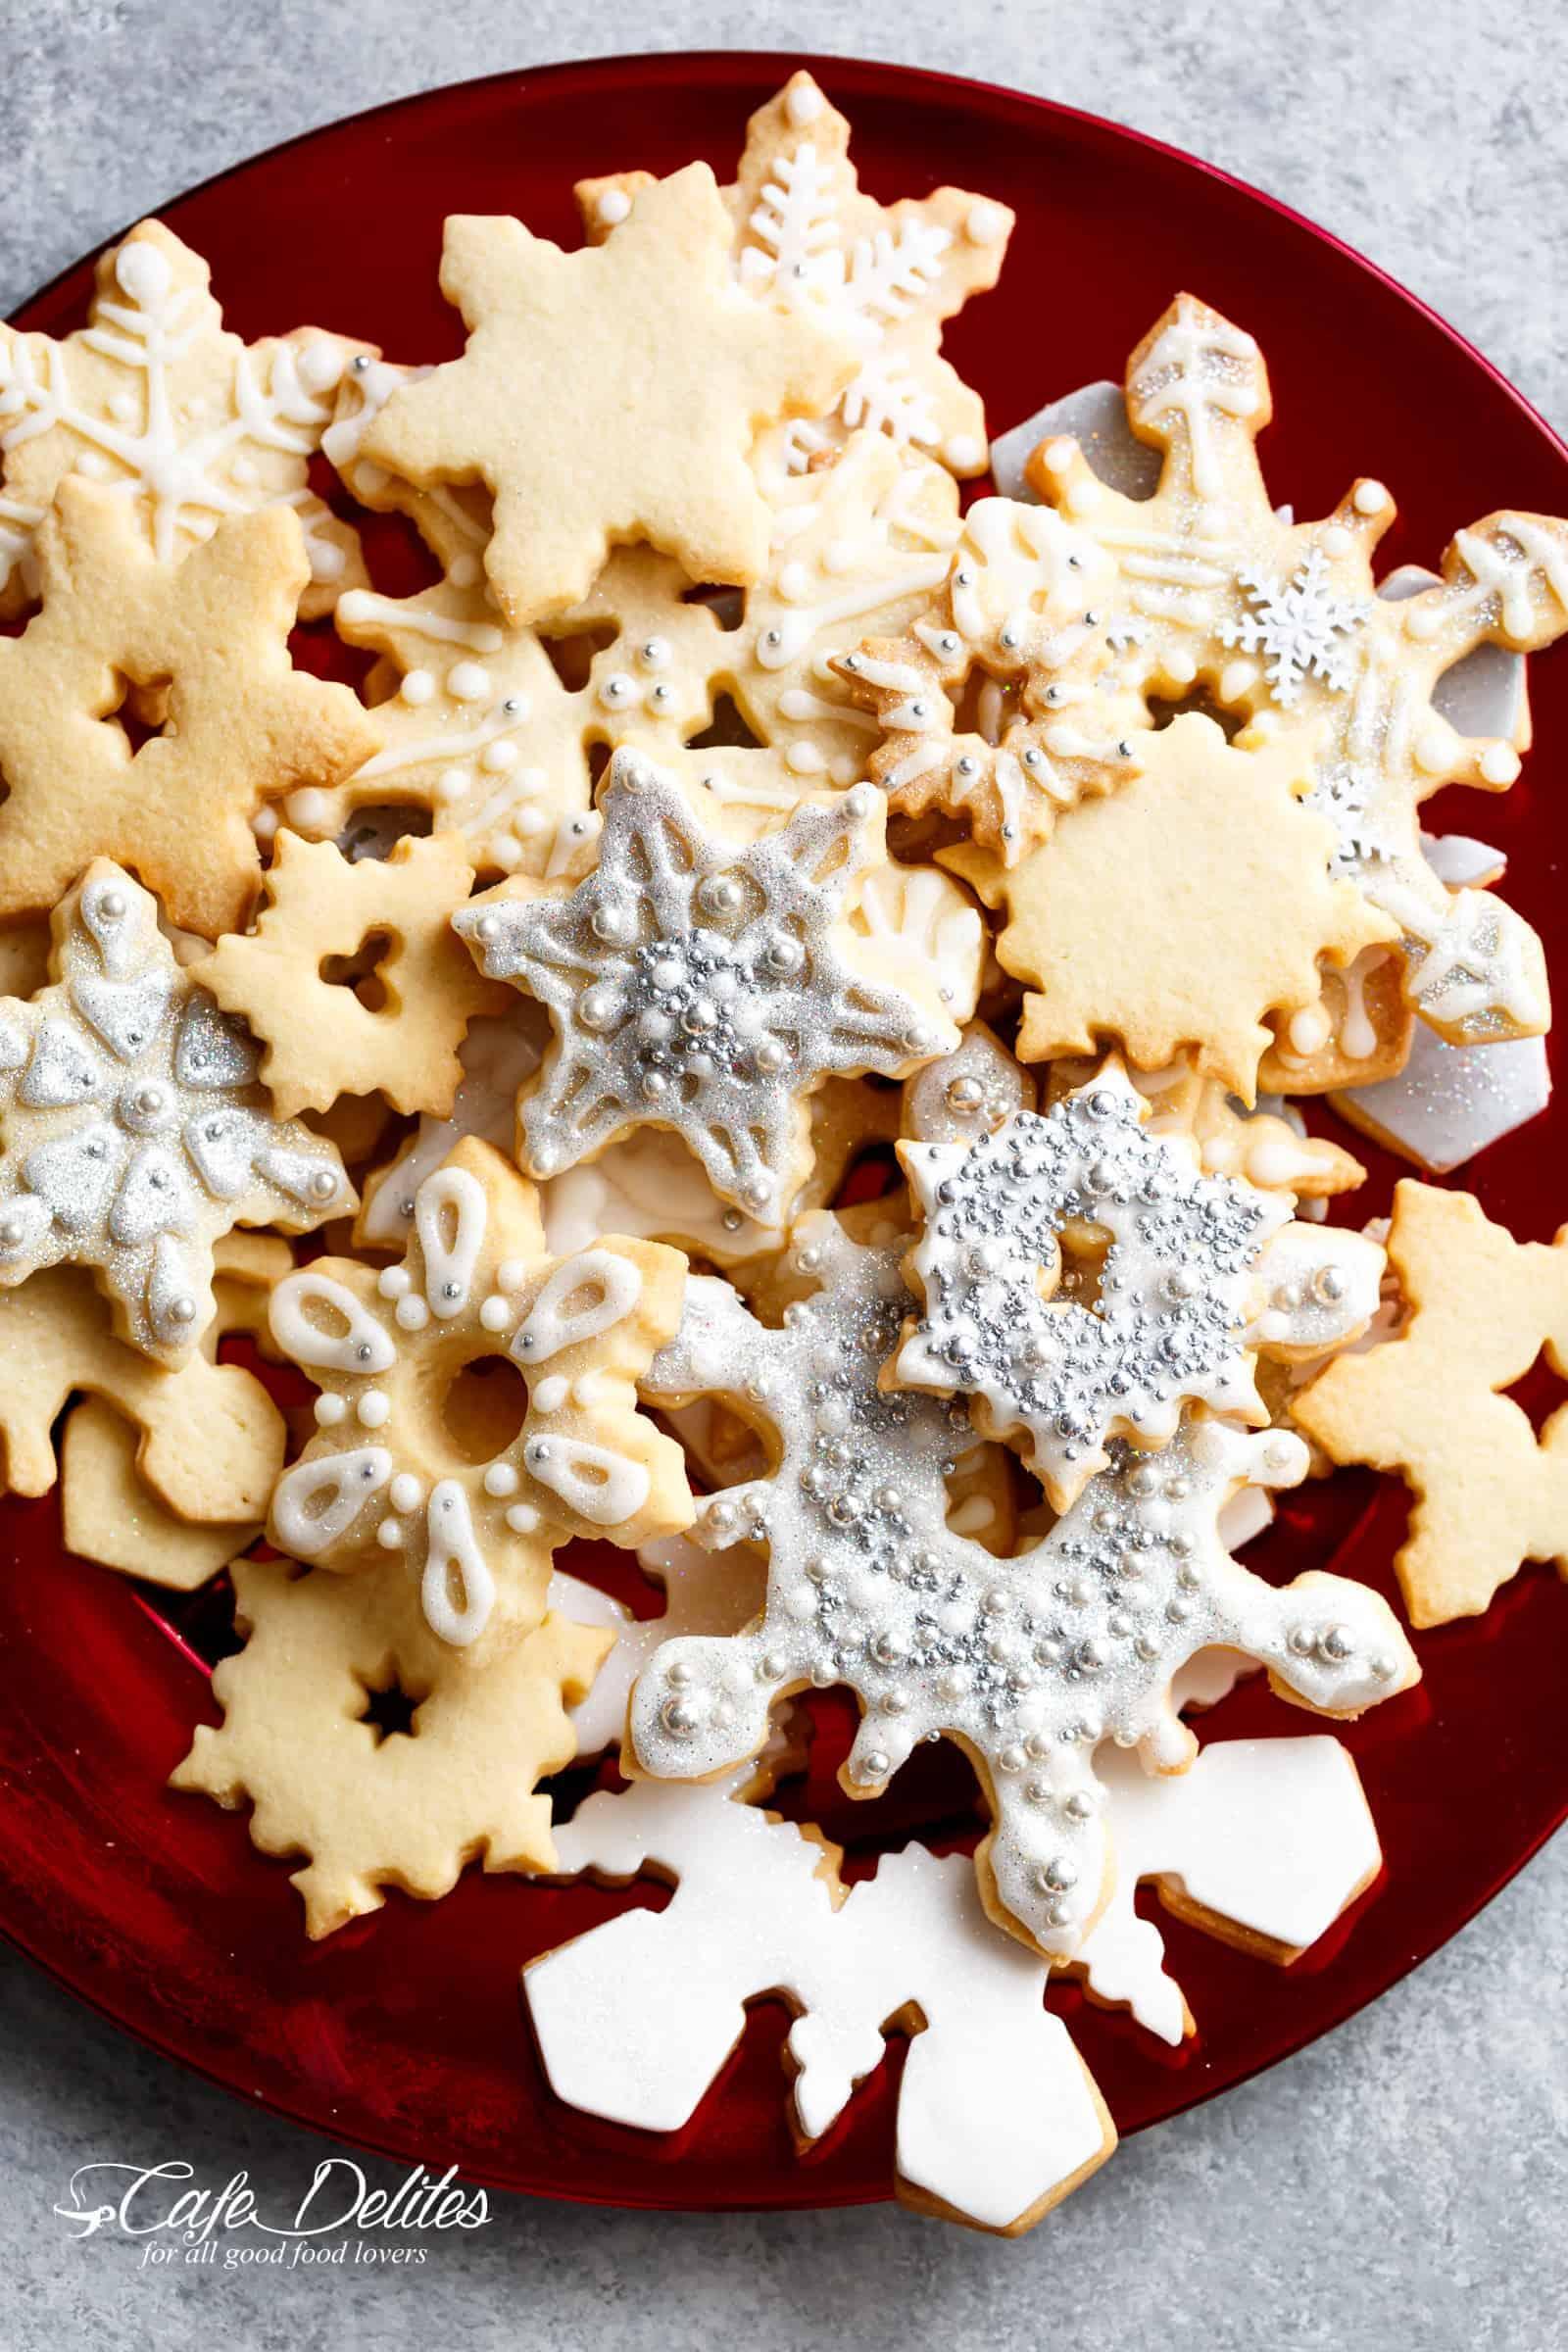 christmas sugar cookies recipe cafe delites - Best Christmas Sugar Cookies